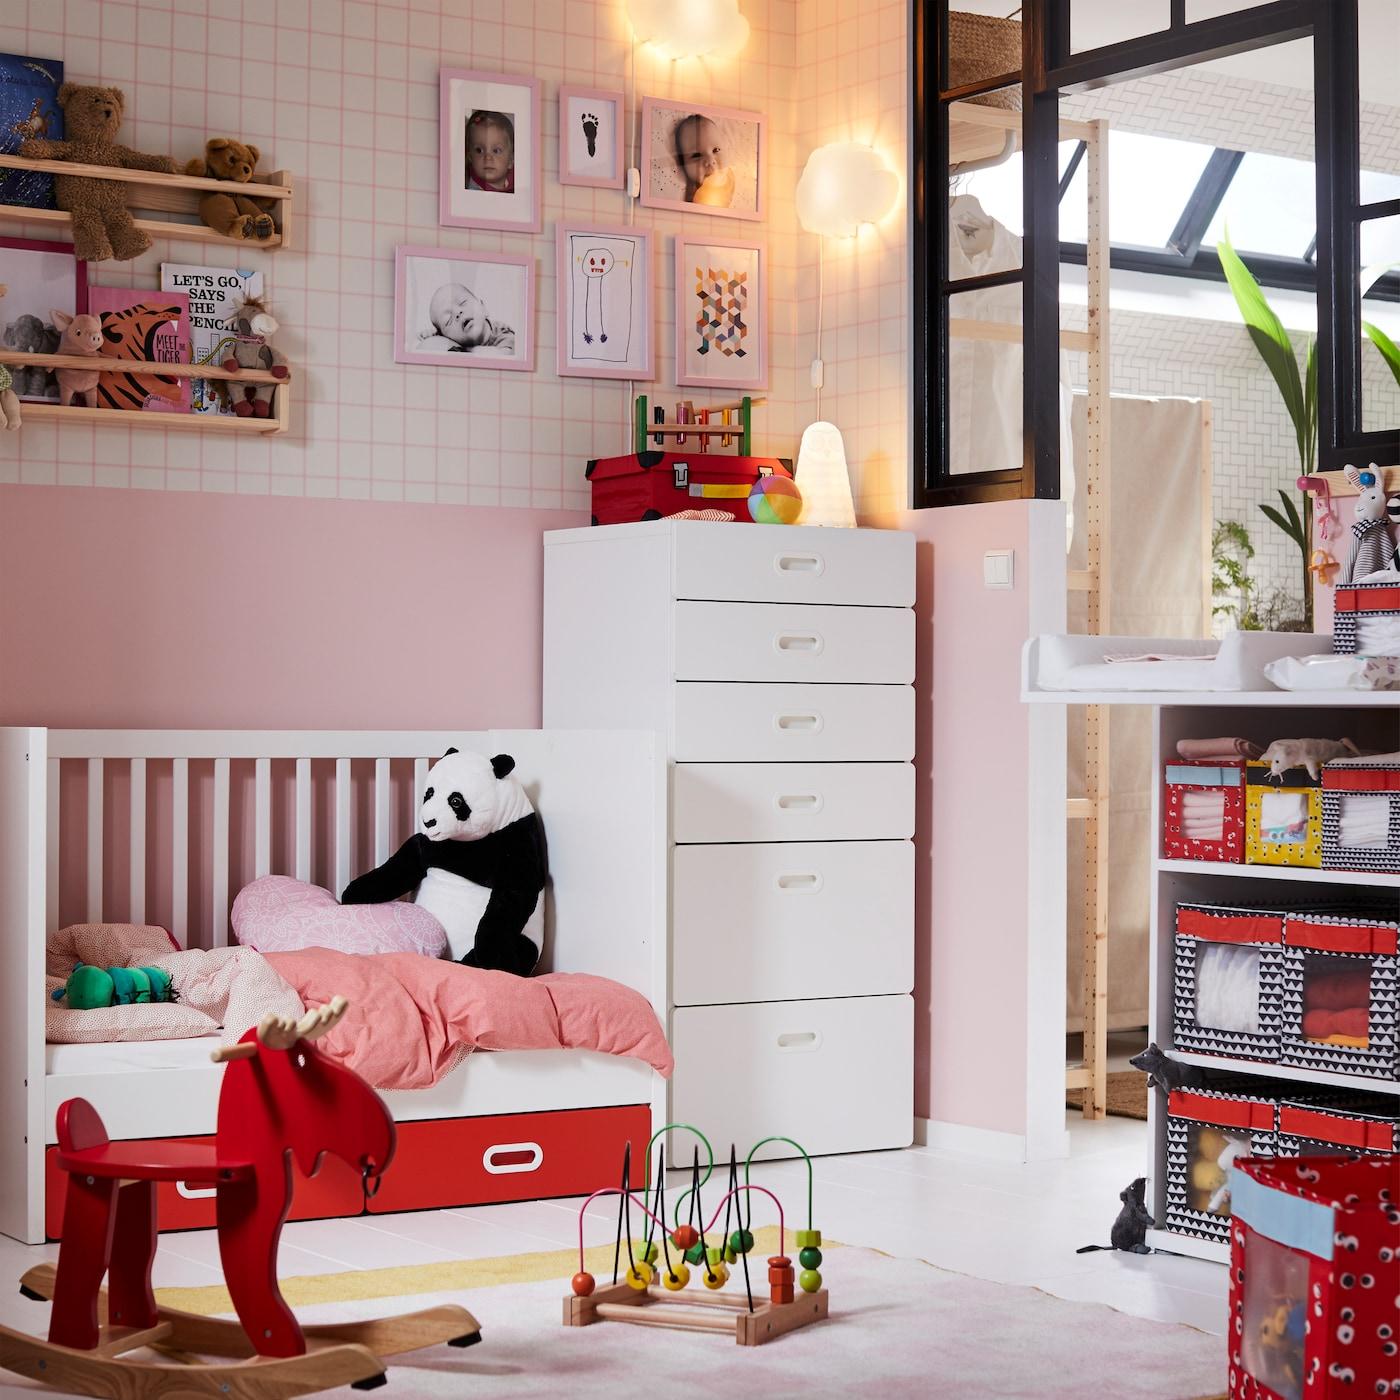 أثاث أطفال رضع أبيض STUVA من ايكيا سرير أطفال ووحدة ذات ستة أدراج في غرفة أطفال رضع وردي بها ألعاب ودب طري.